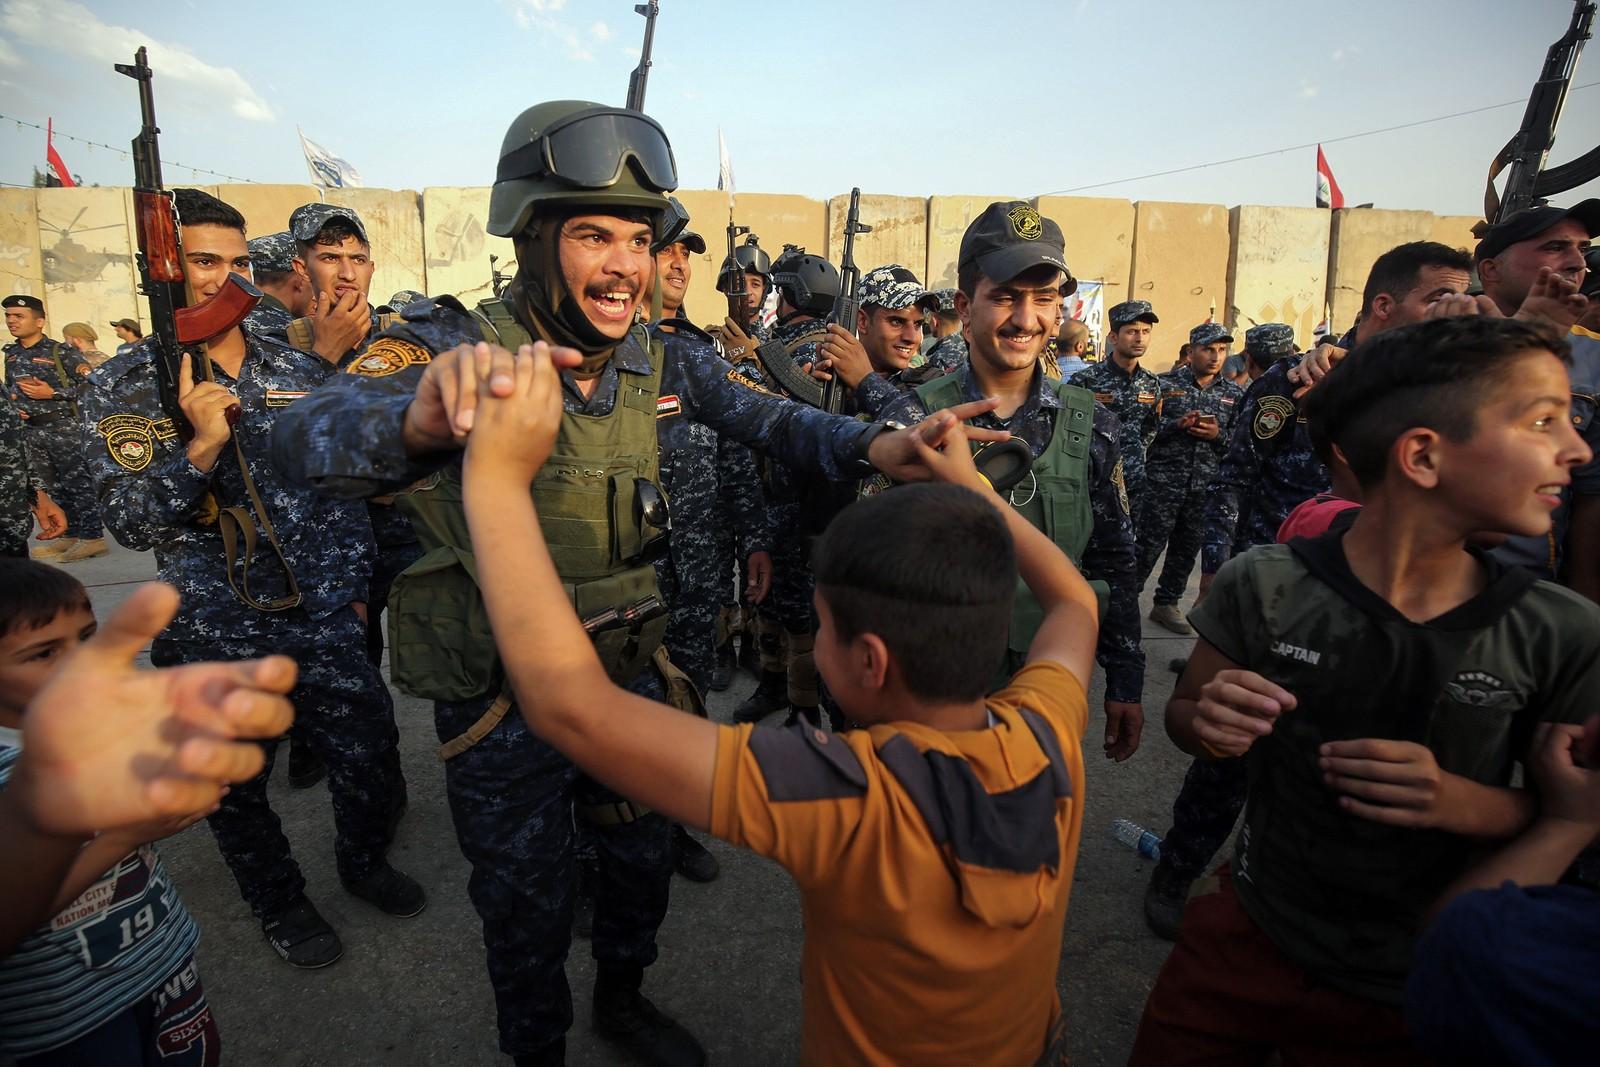 Irakiske styrker danser med lokalbefolkningen i Mosul. Den siste, avgjørende fasen for å overta gamlebyen fra IS ble satt i gang for noen uker siden, og nærmer seg slutten.